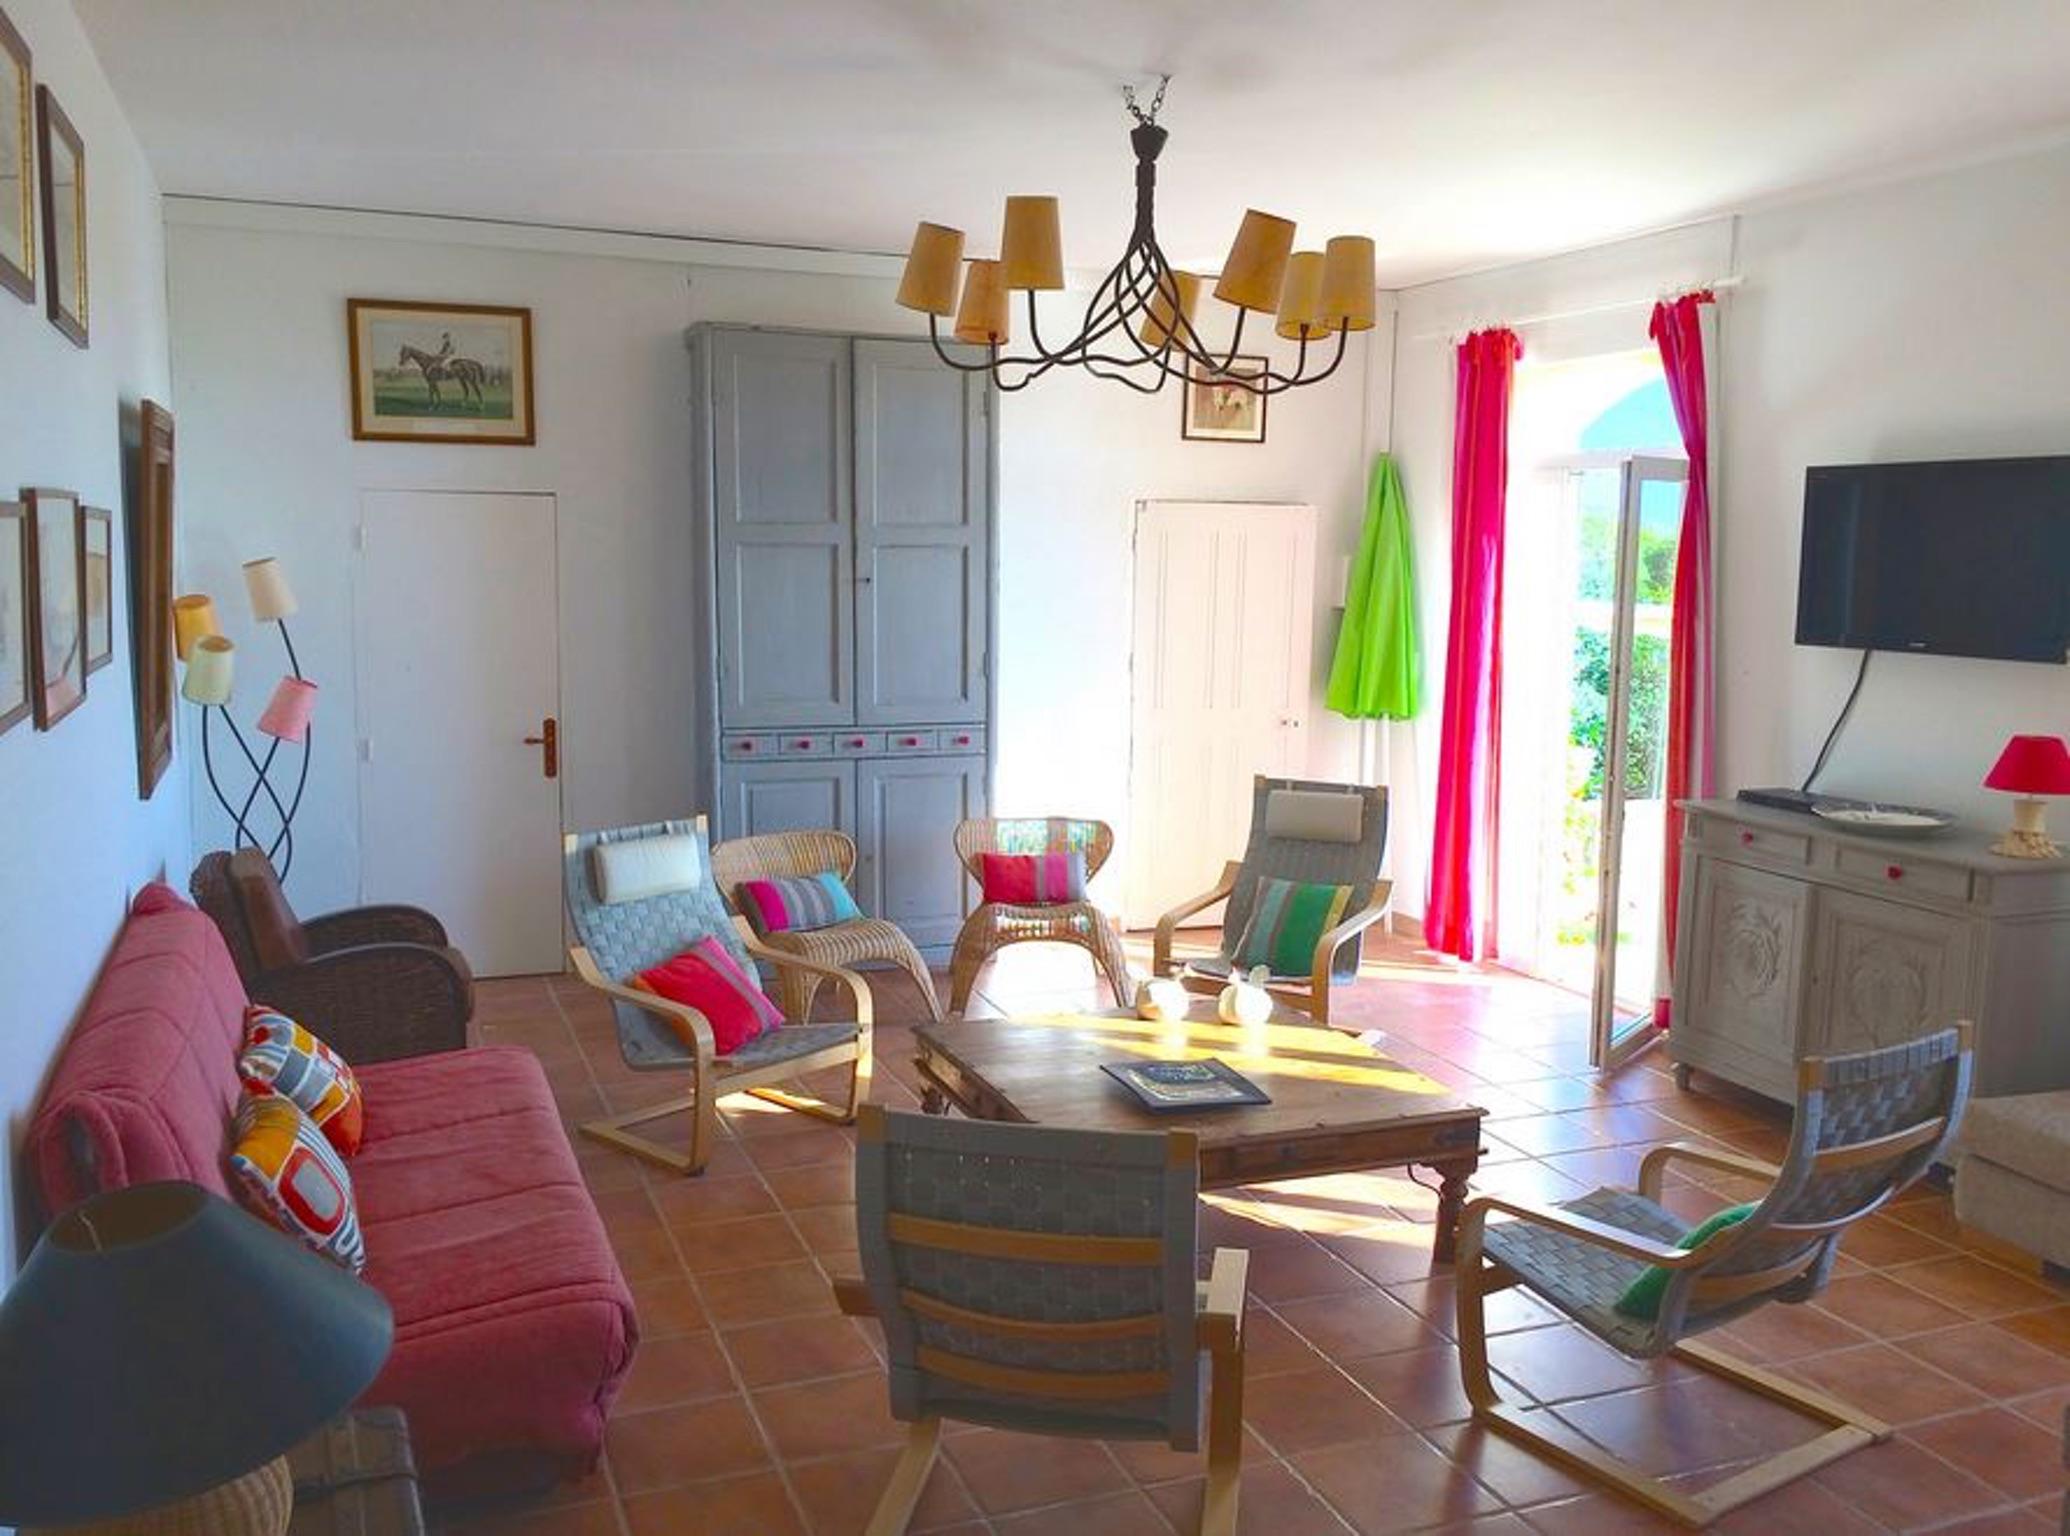 Ferienhaus Charaktervolles Haus in Hérault mit Pool und Garten (2201003), Portiragnes, Mittelmeerküste Hérault, Languedoc-Roussillon, Frankreich, Bild 7